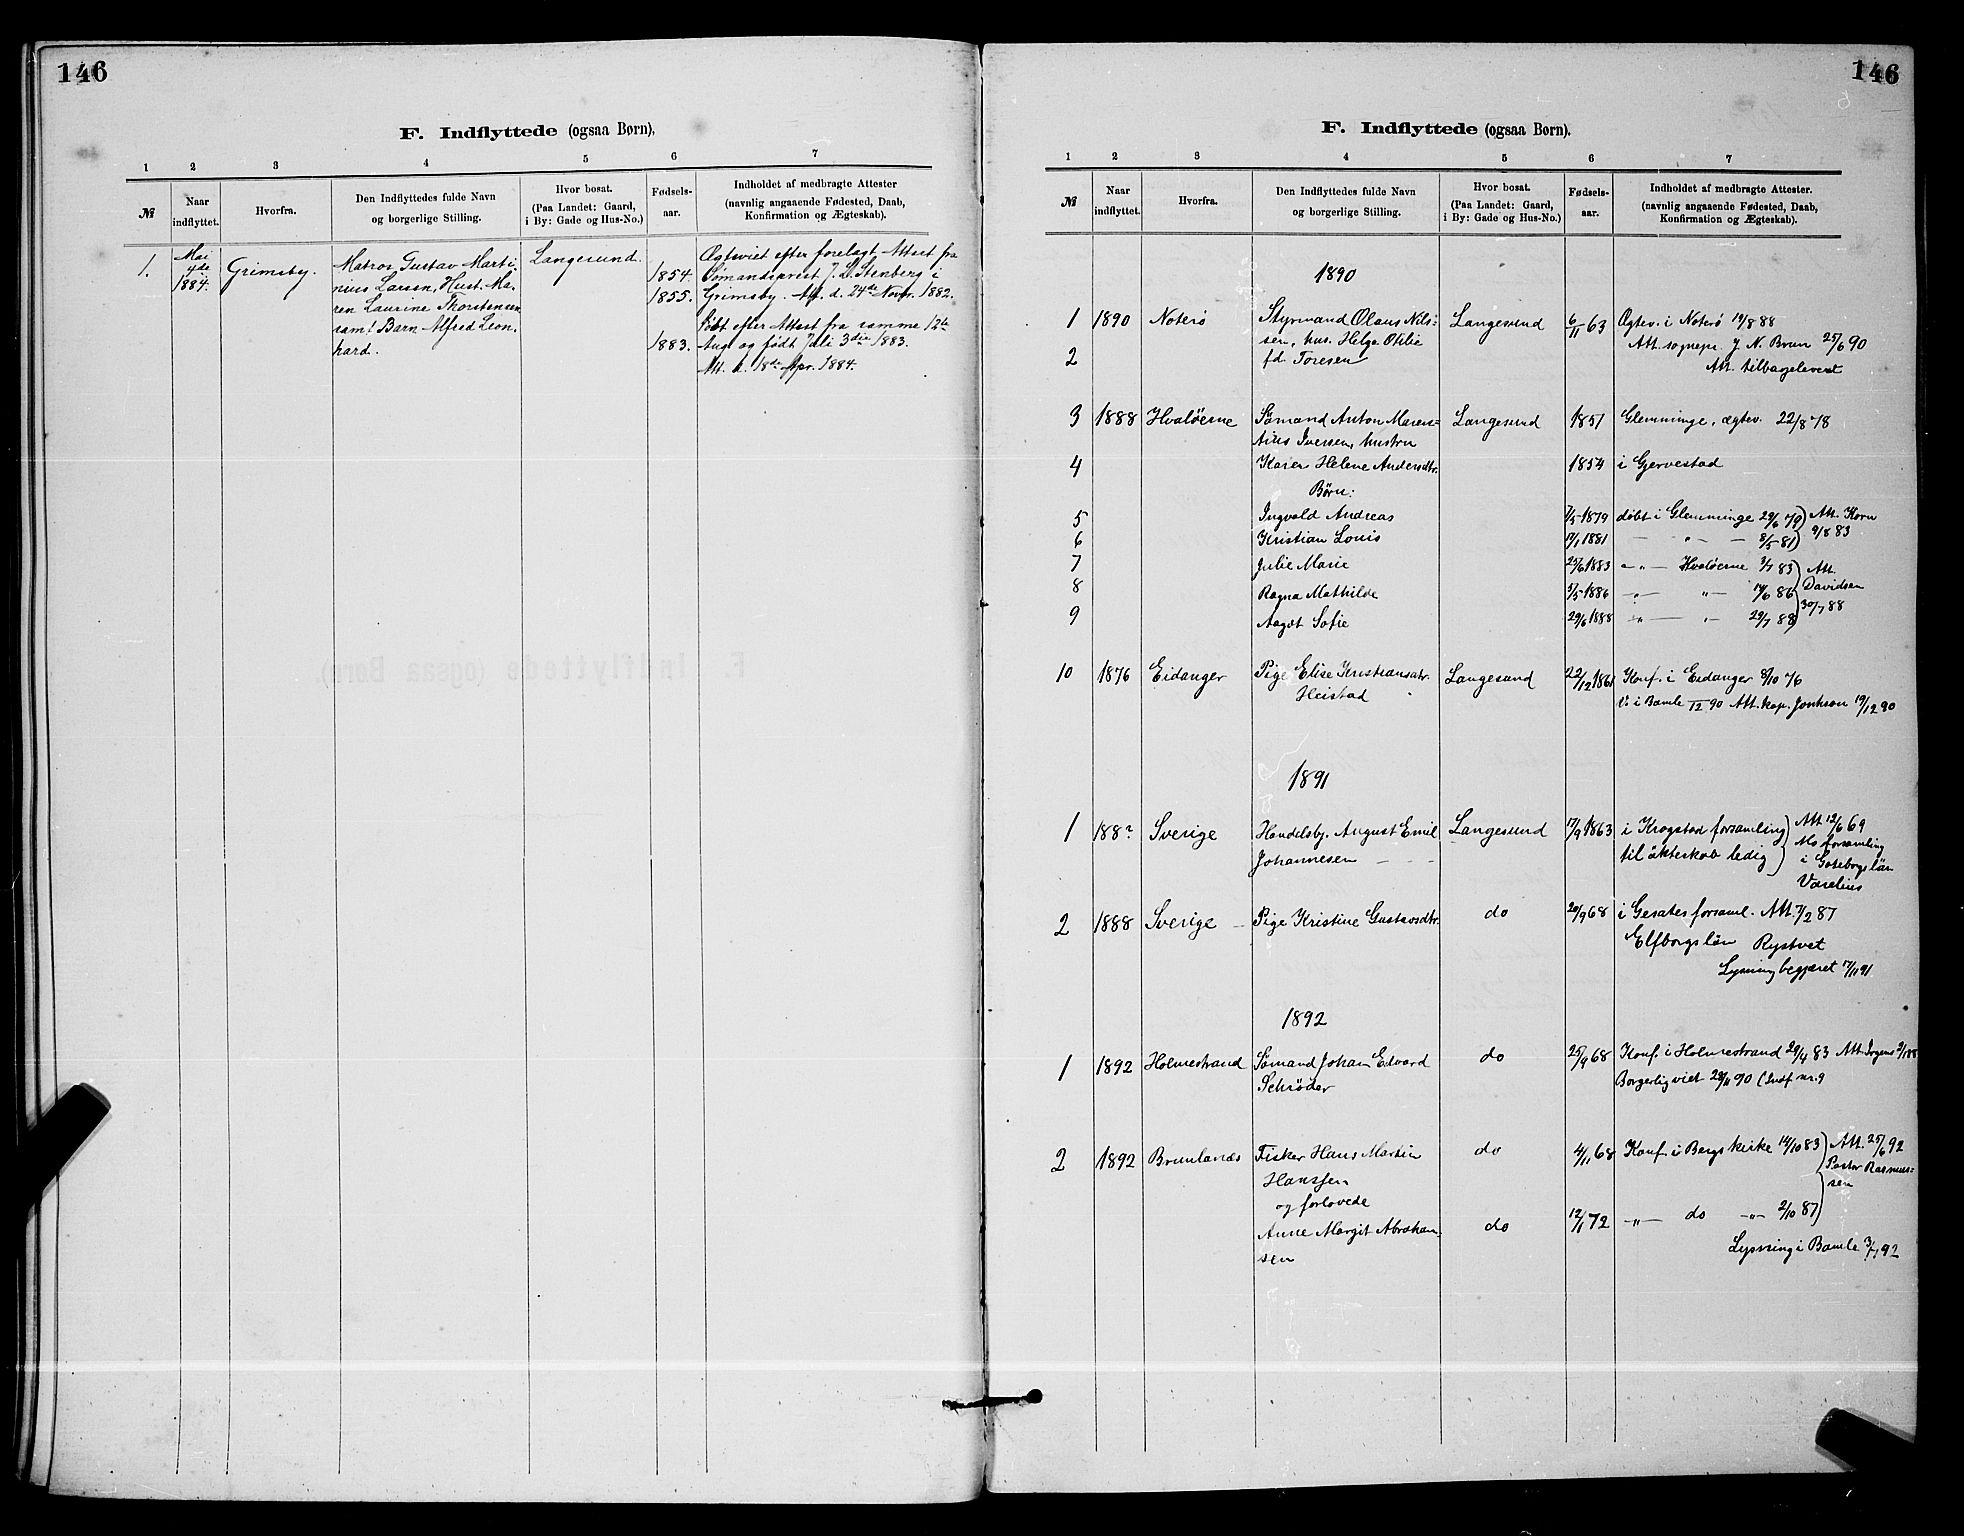 SAKO, Langesund kirkebøker, G/Ga/L0005: Klokkerbok nr. 5, 1884-1898, s. 146